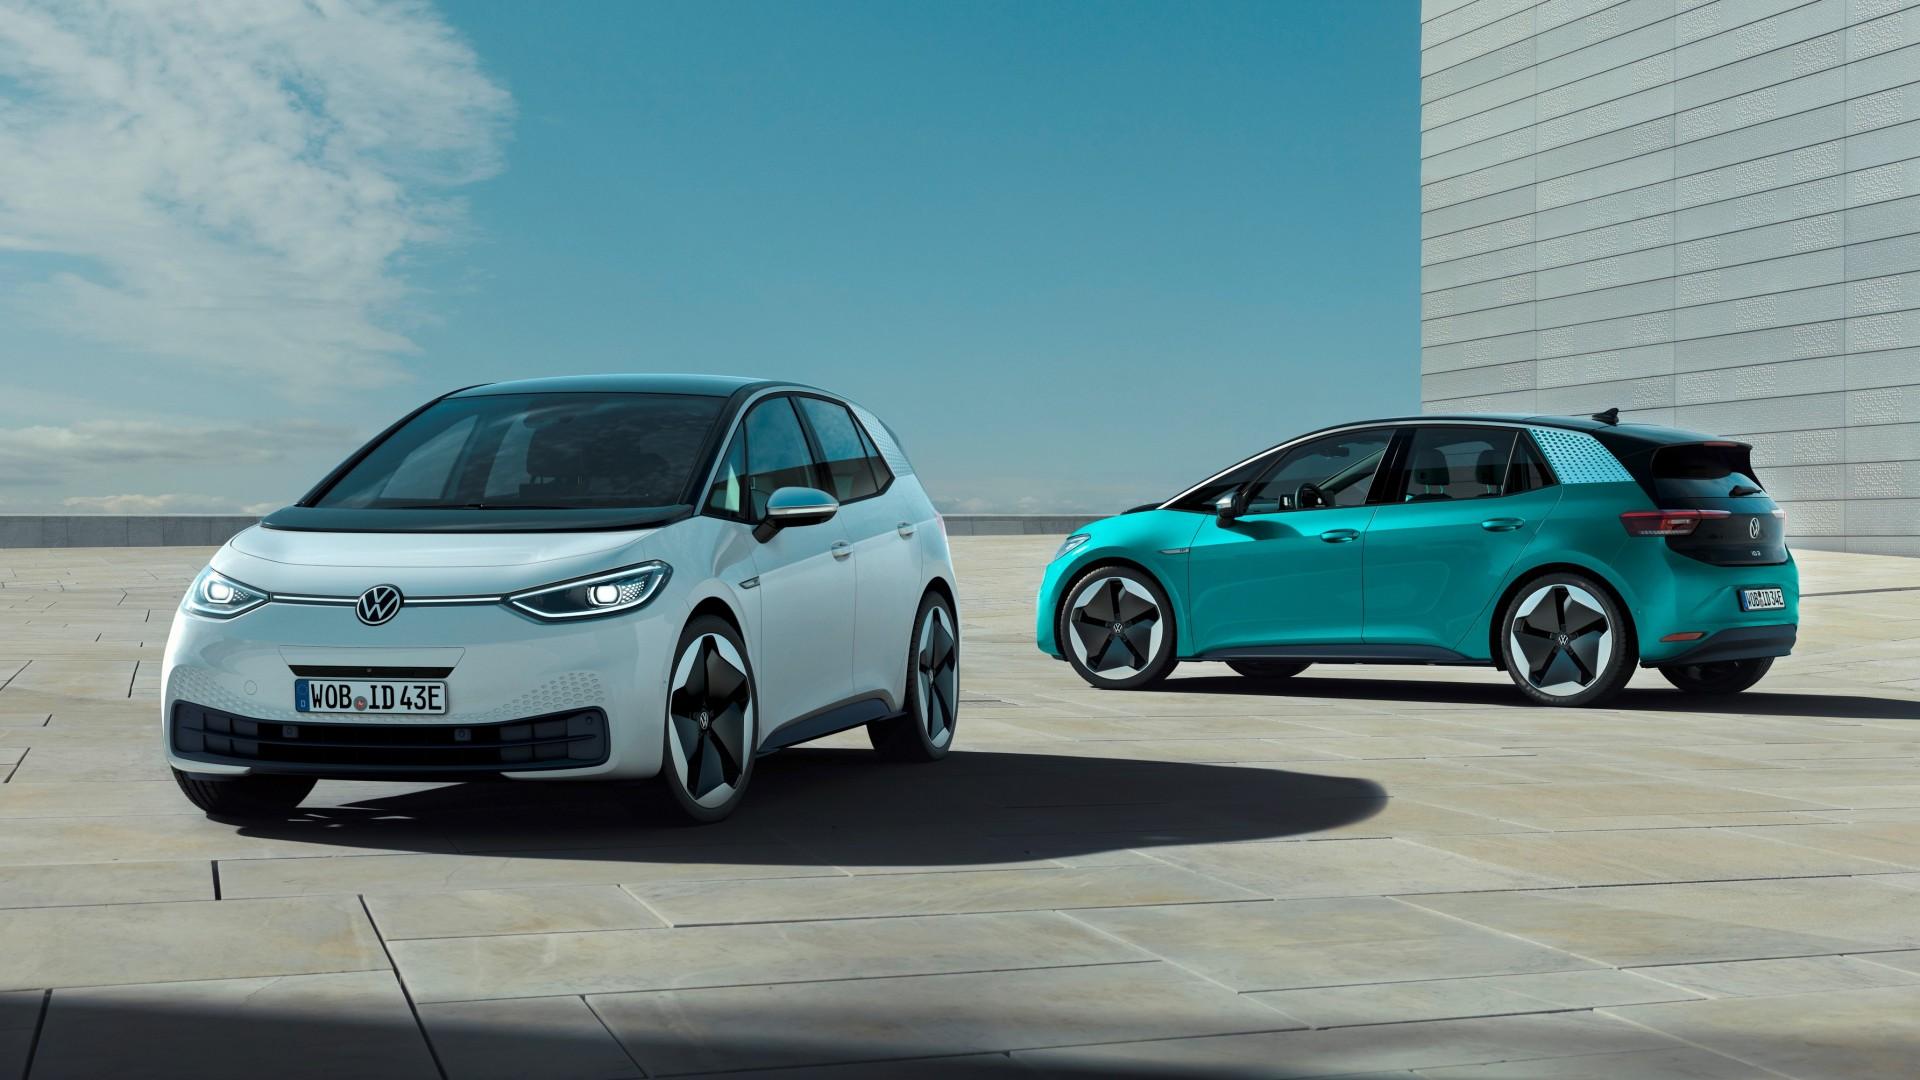 Volkswagen Verhoogt Productiedoel Elektrische Auto S Met 50